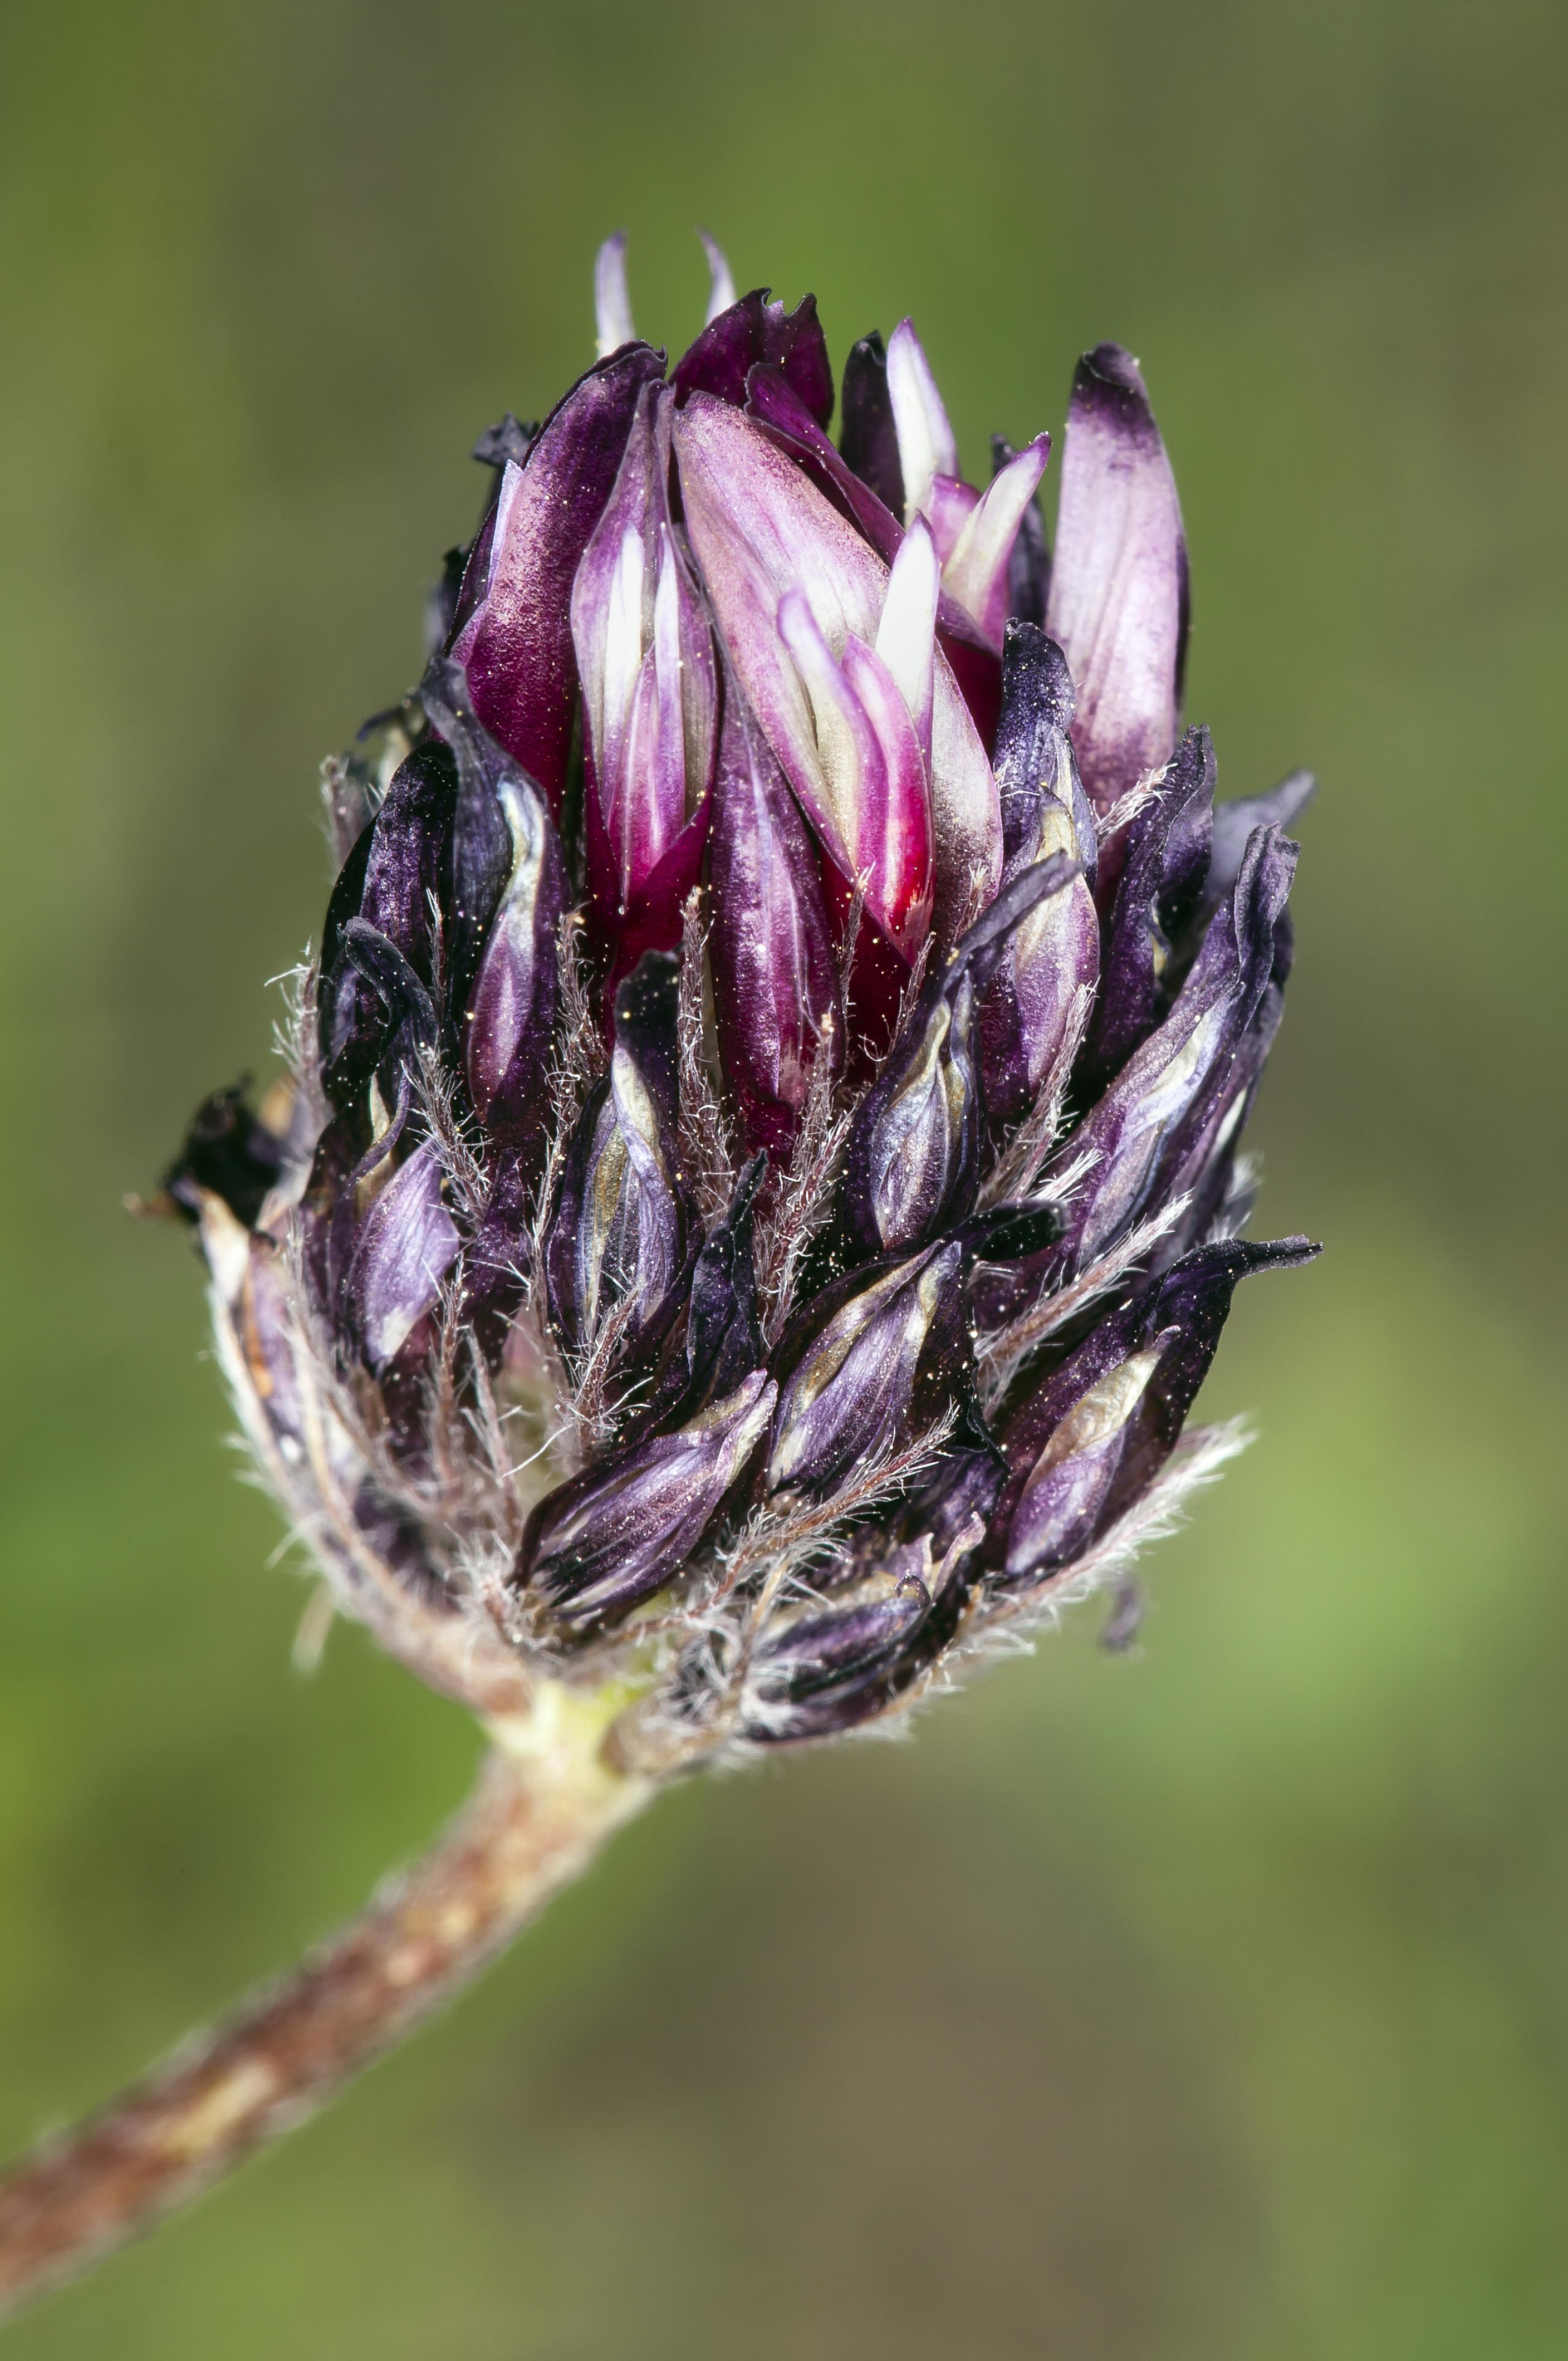 Image of longstalk clover